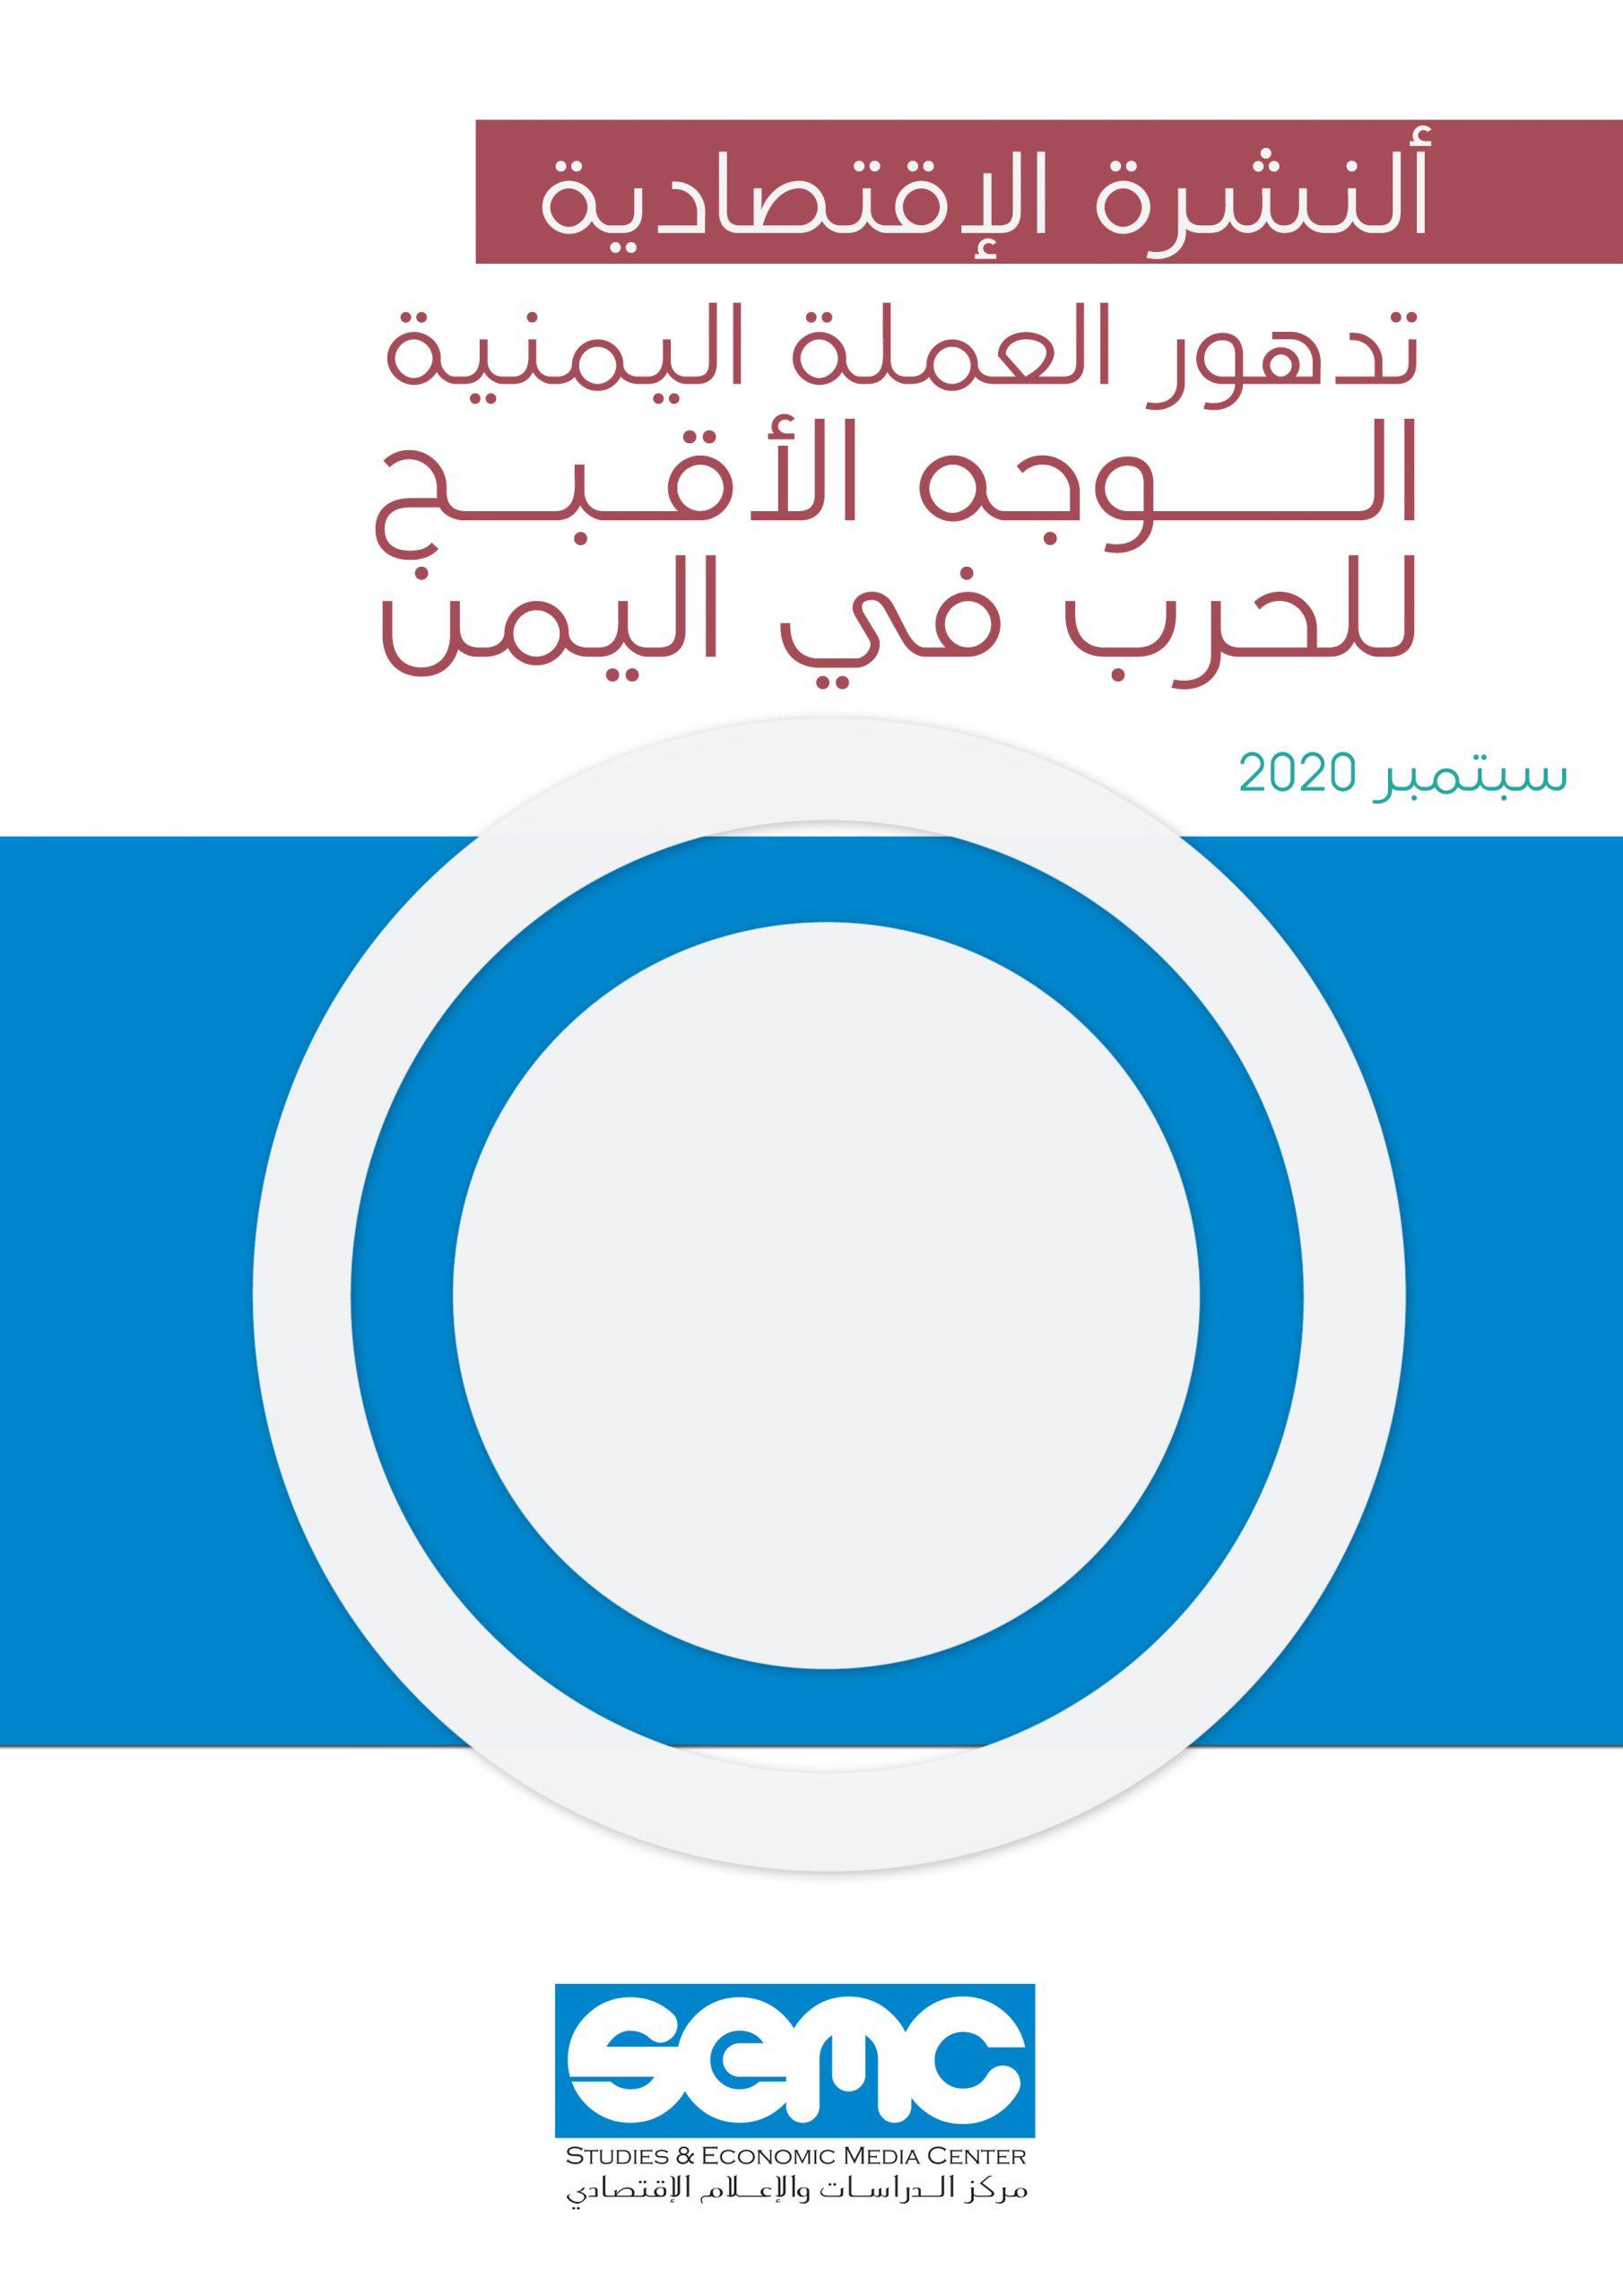 الاعلام الاقتصادي يطالب بإنهاء الانقسام في قرارات المركزي اليمني